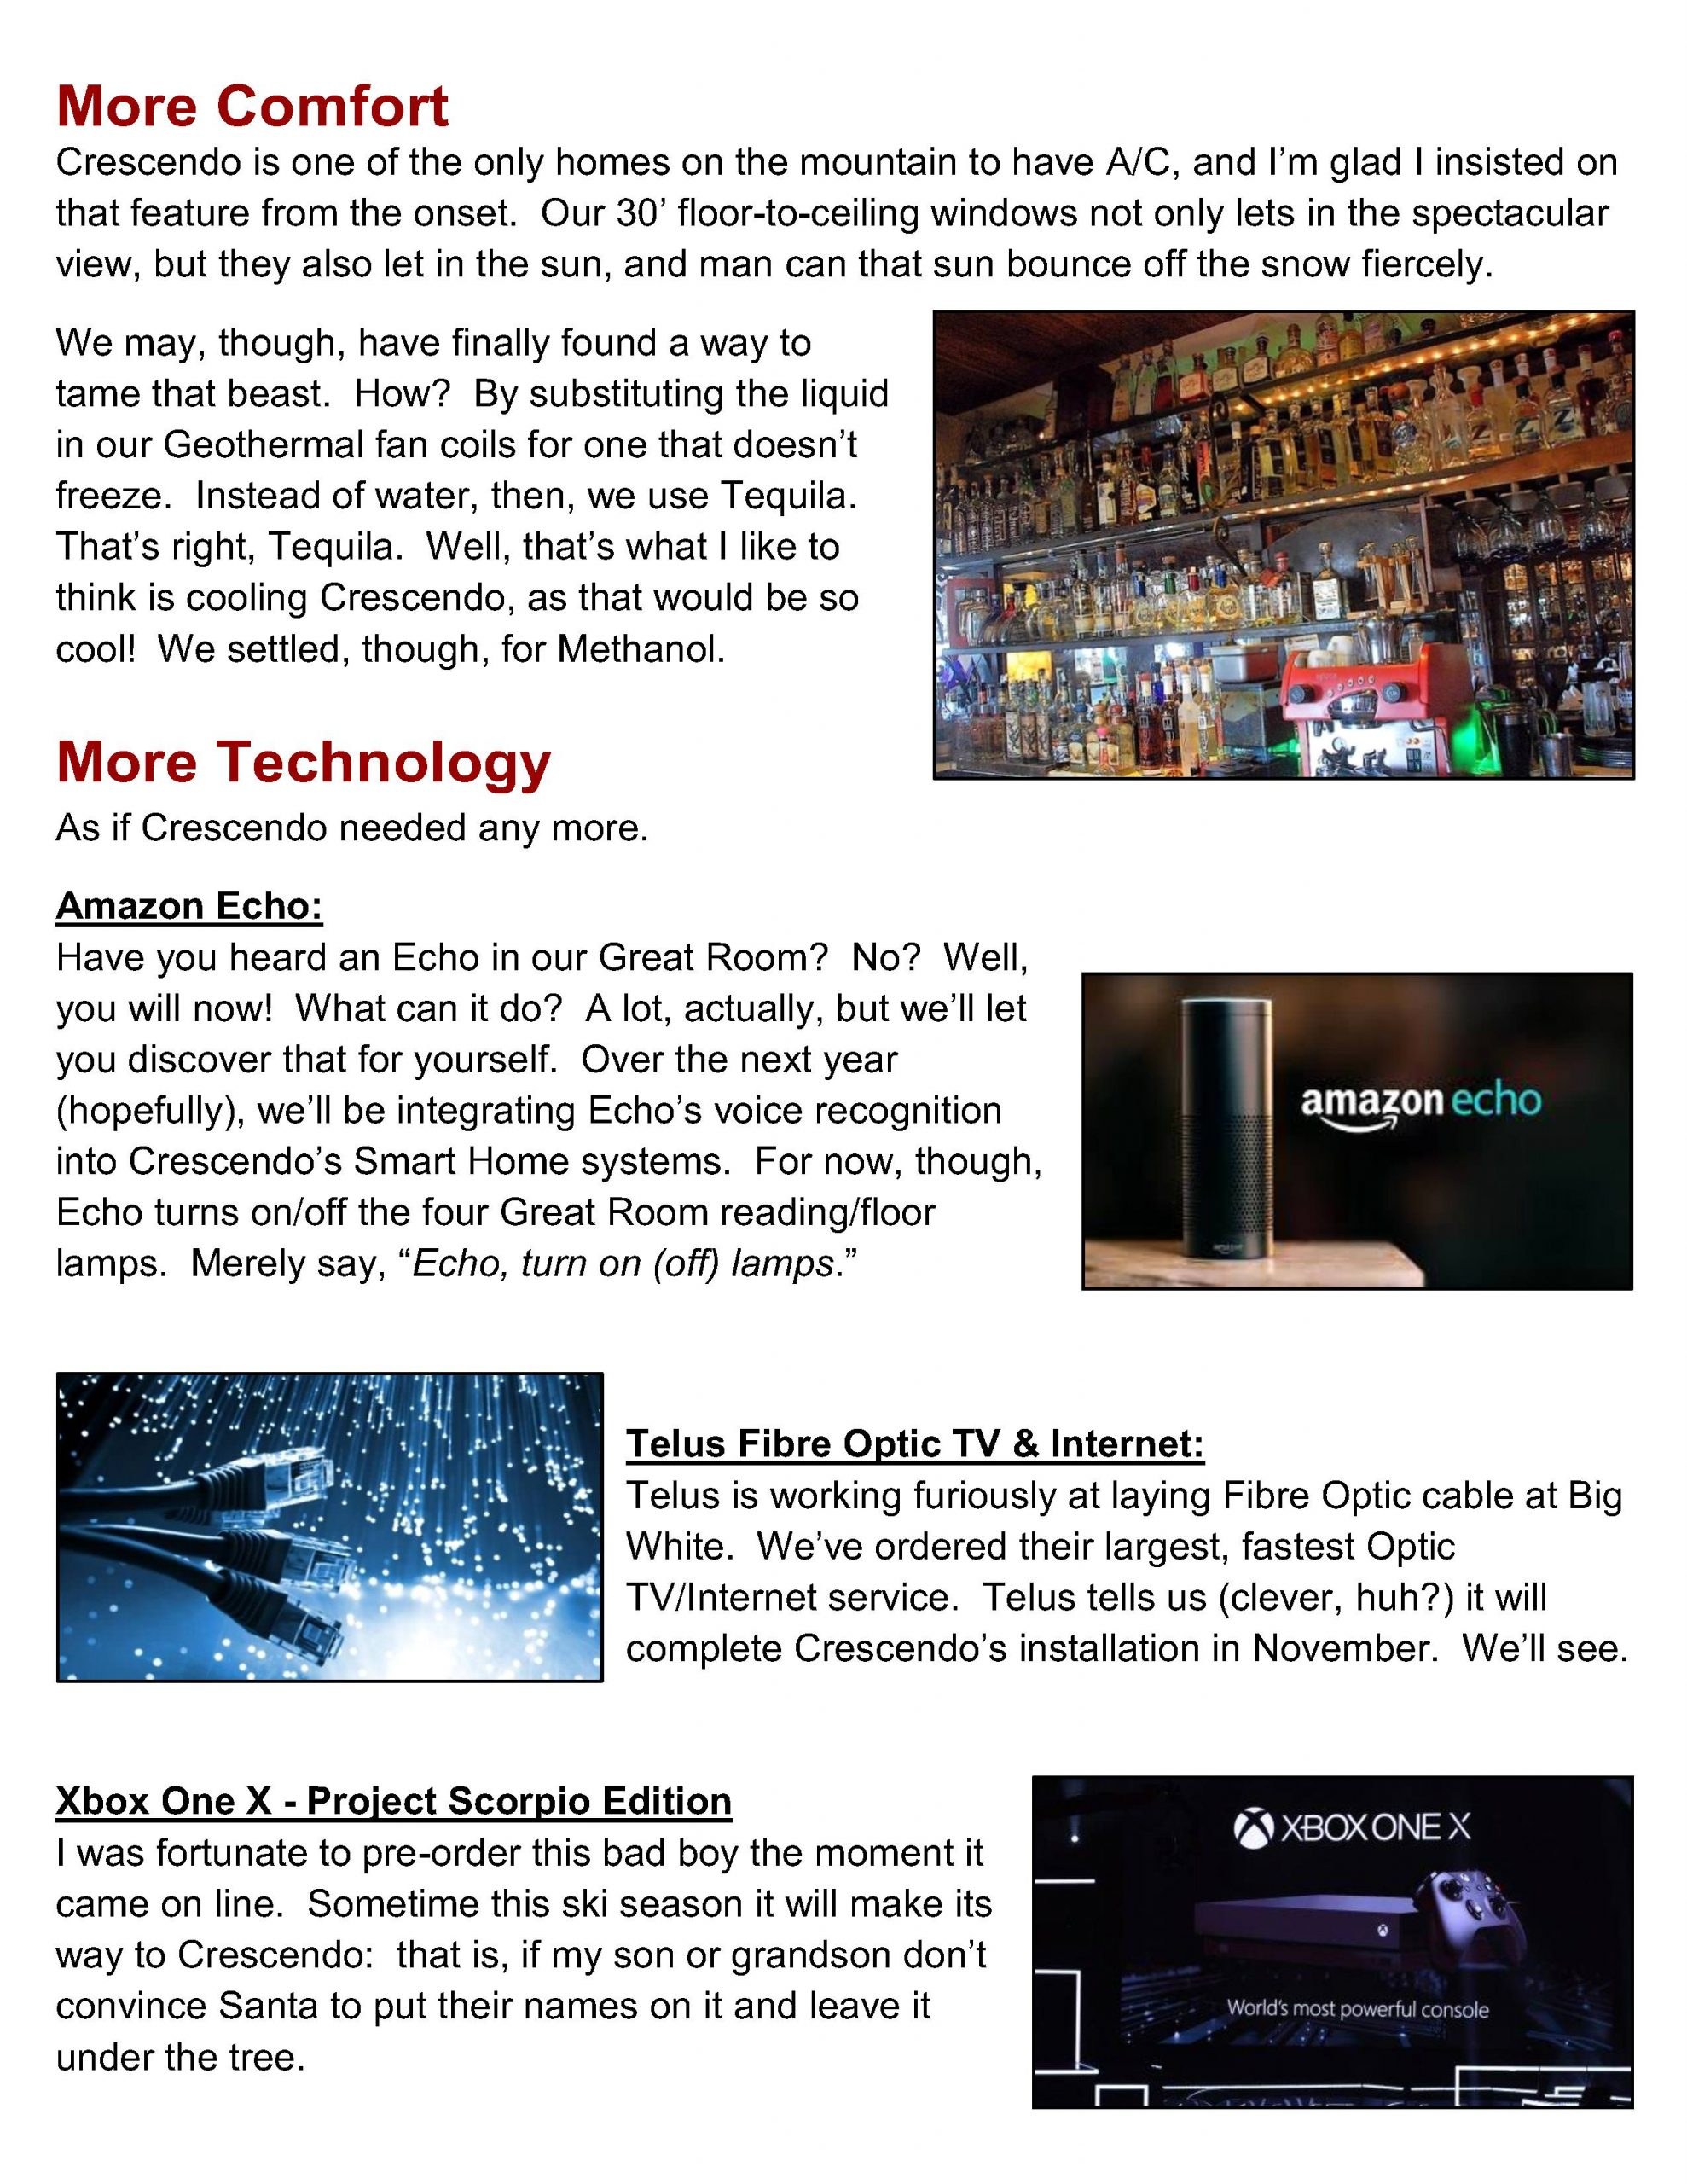 https://www.skicrescendo.com/wp-content/uploads/2020/09/newsletter-2017-september-5b_thumb-scaled.jpg